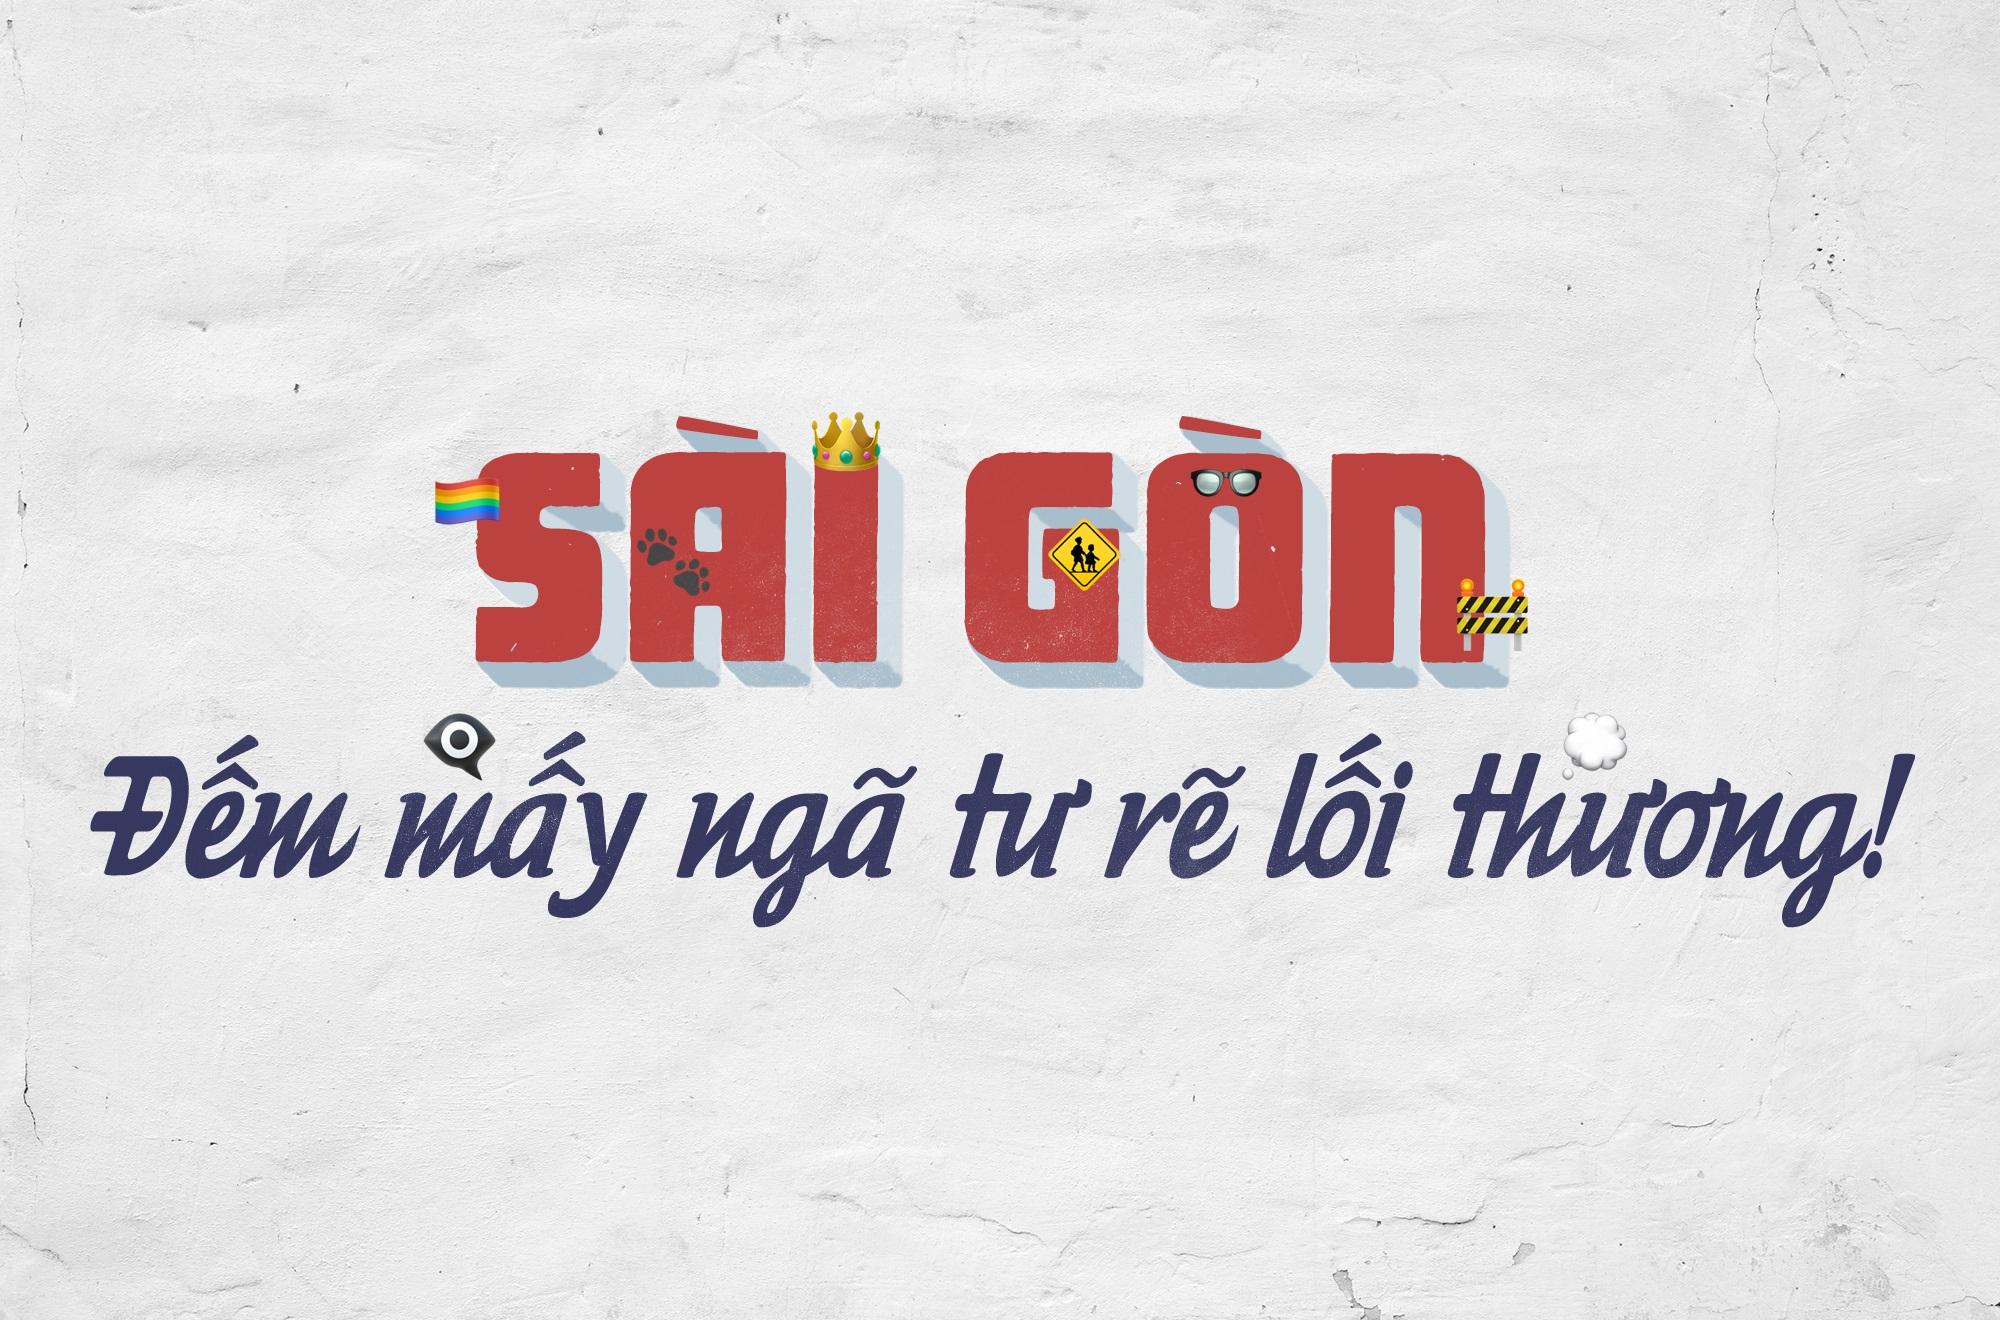 Sài Gòn thiệt thương: Nơi ta để lại tuổi trẻ nhiều nhất, đó sẽ là nơi bình yên nhất